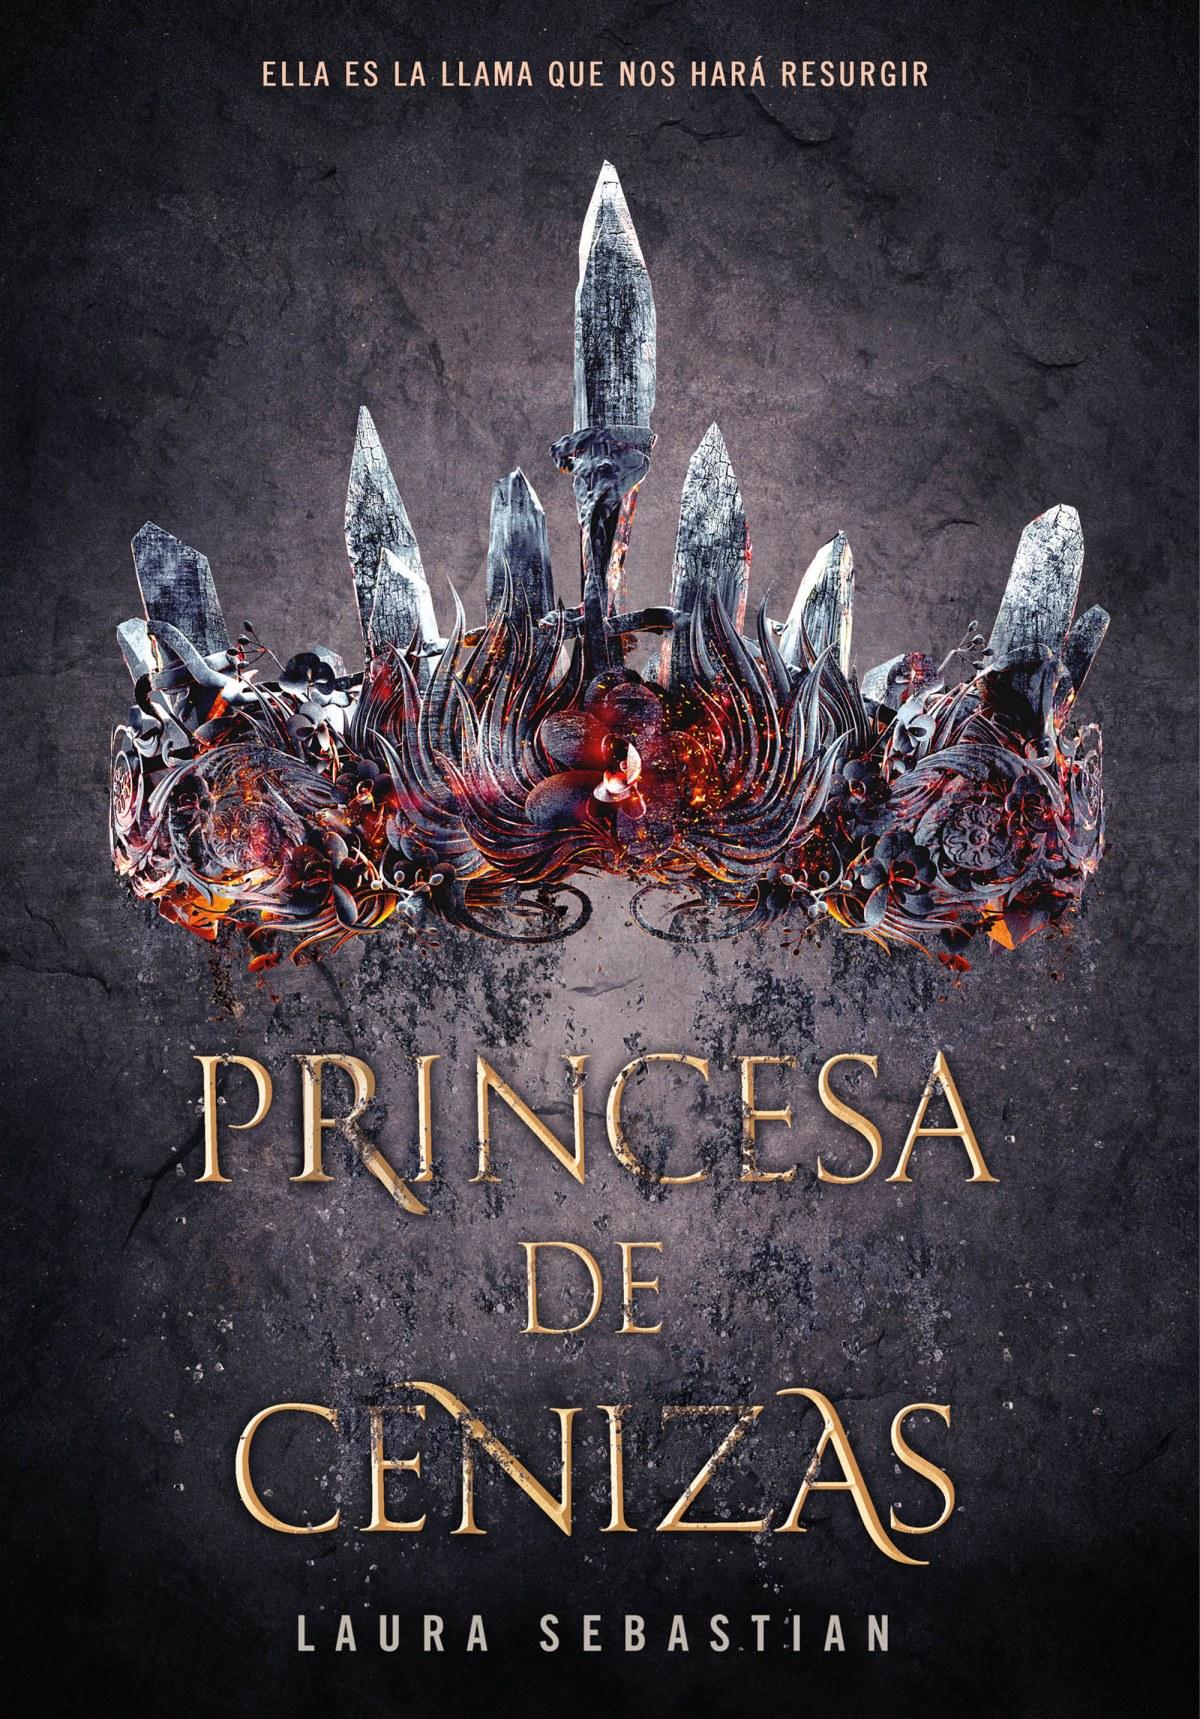 PRINCESA DE CENIZAS 9788490438886